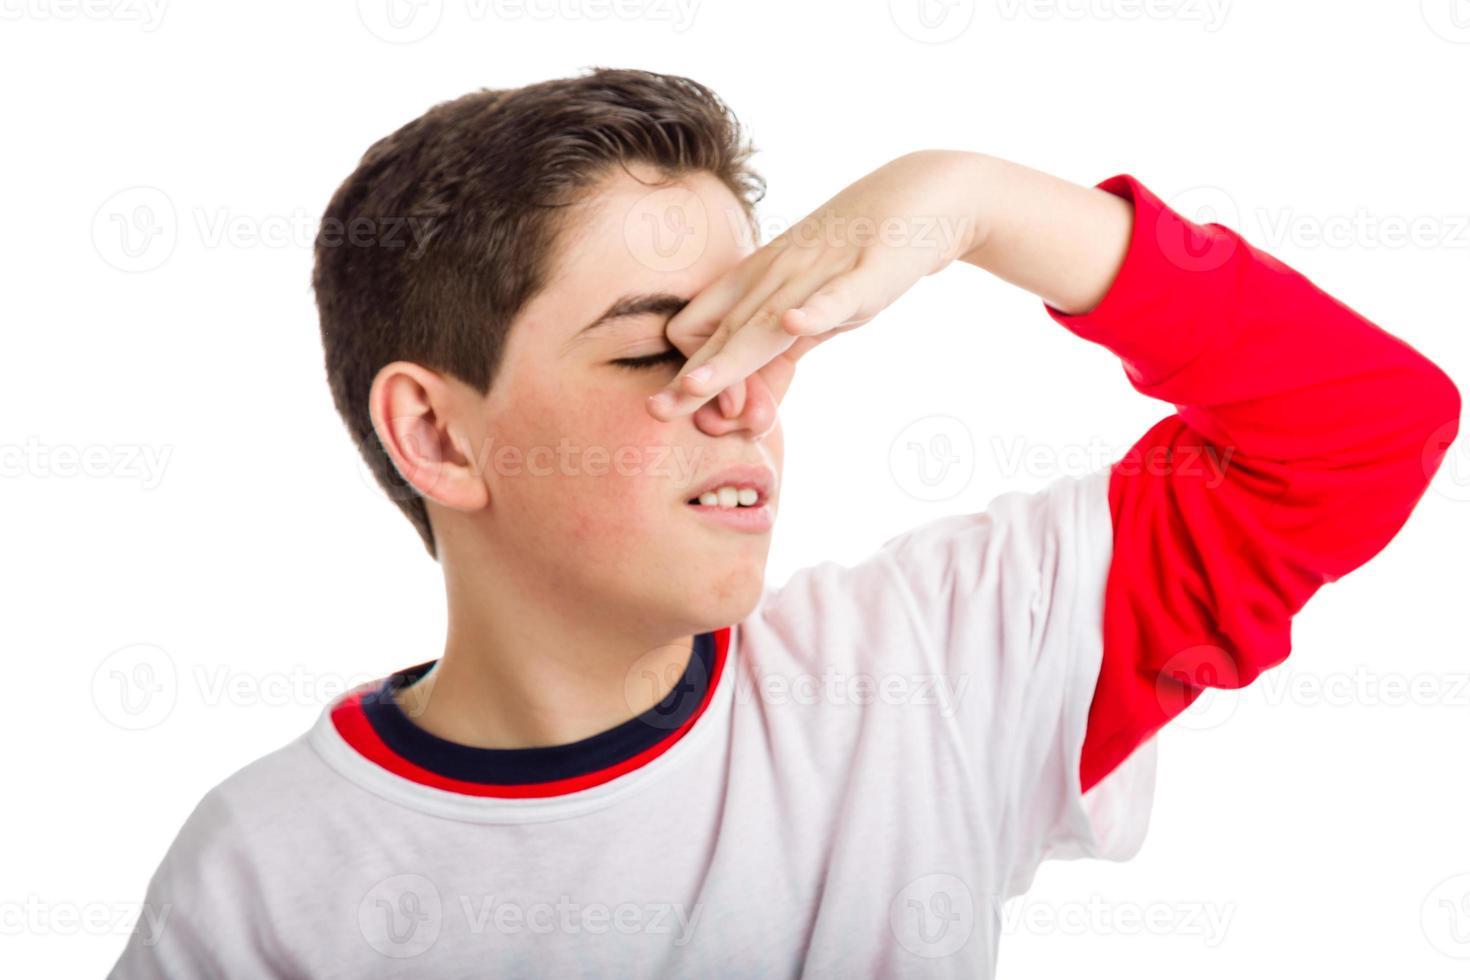 kaukasischer Junge, der seine Nase verstopft foto